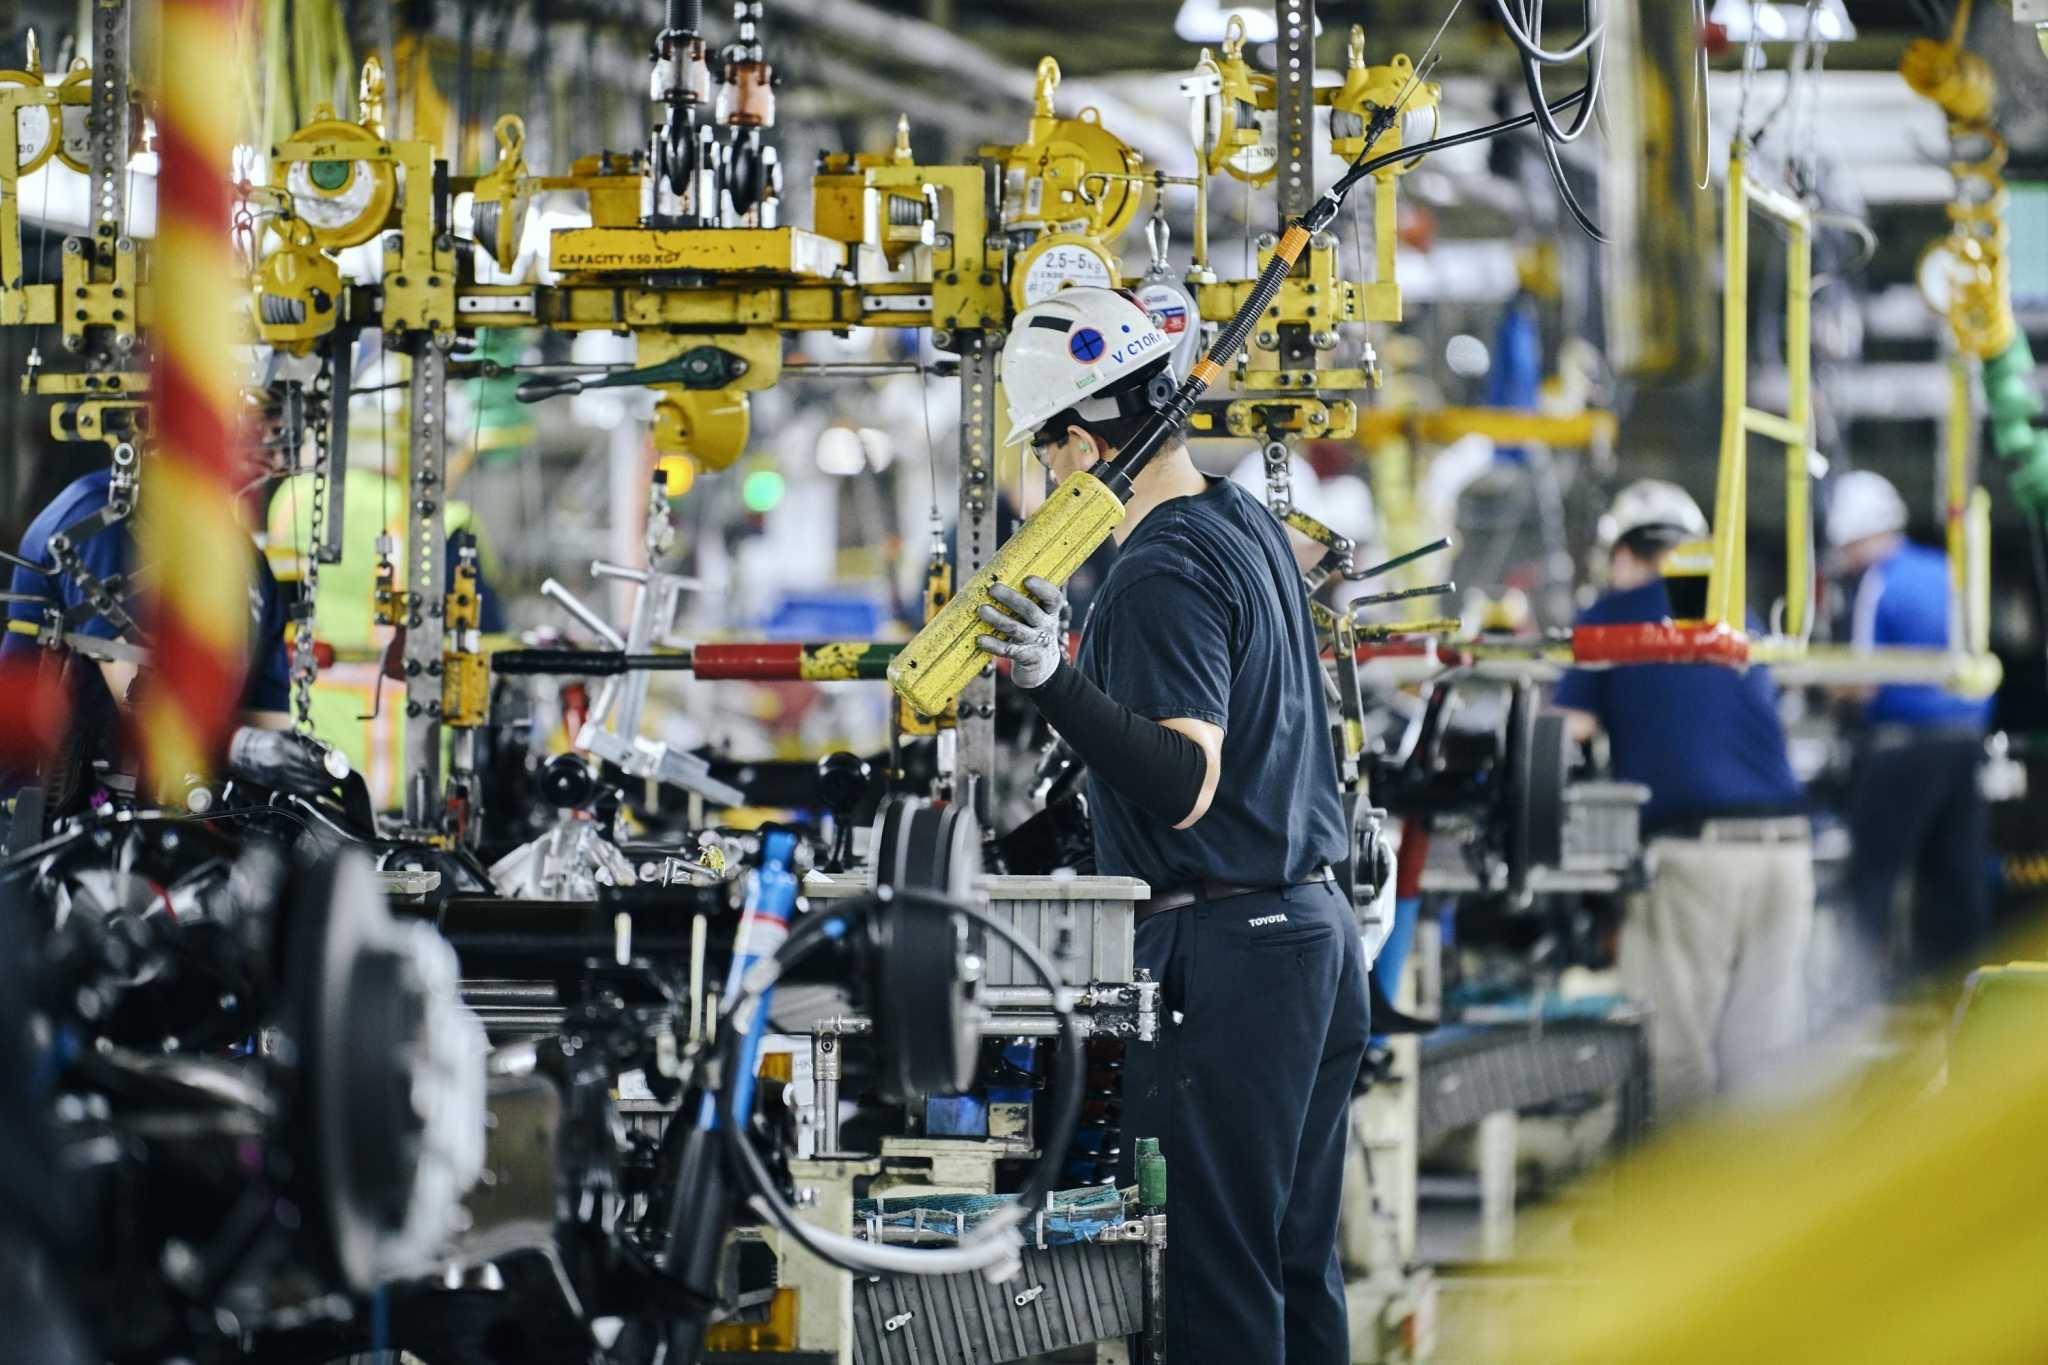 缺芯致欧洲车市再度大跌,甚至有工厂停产至2022年